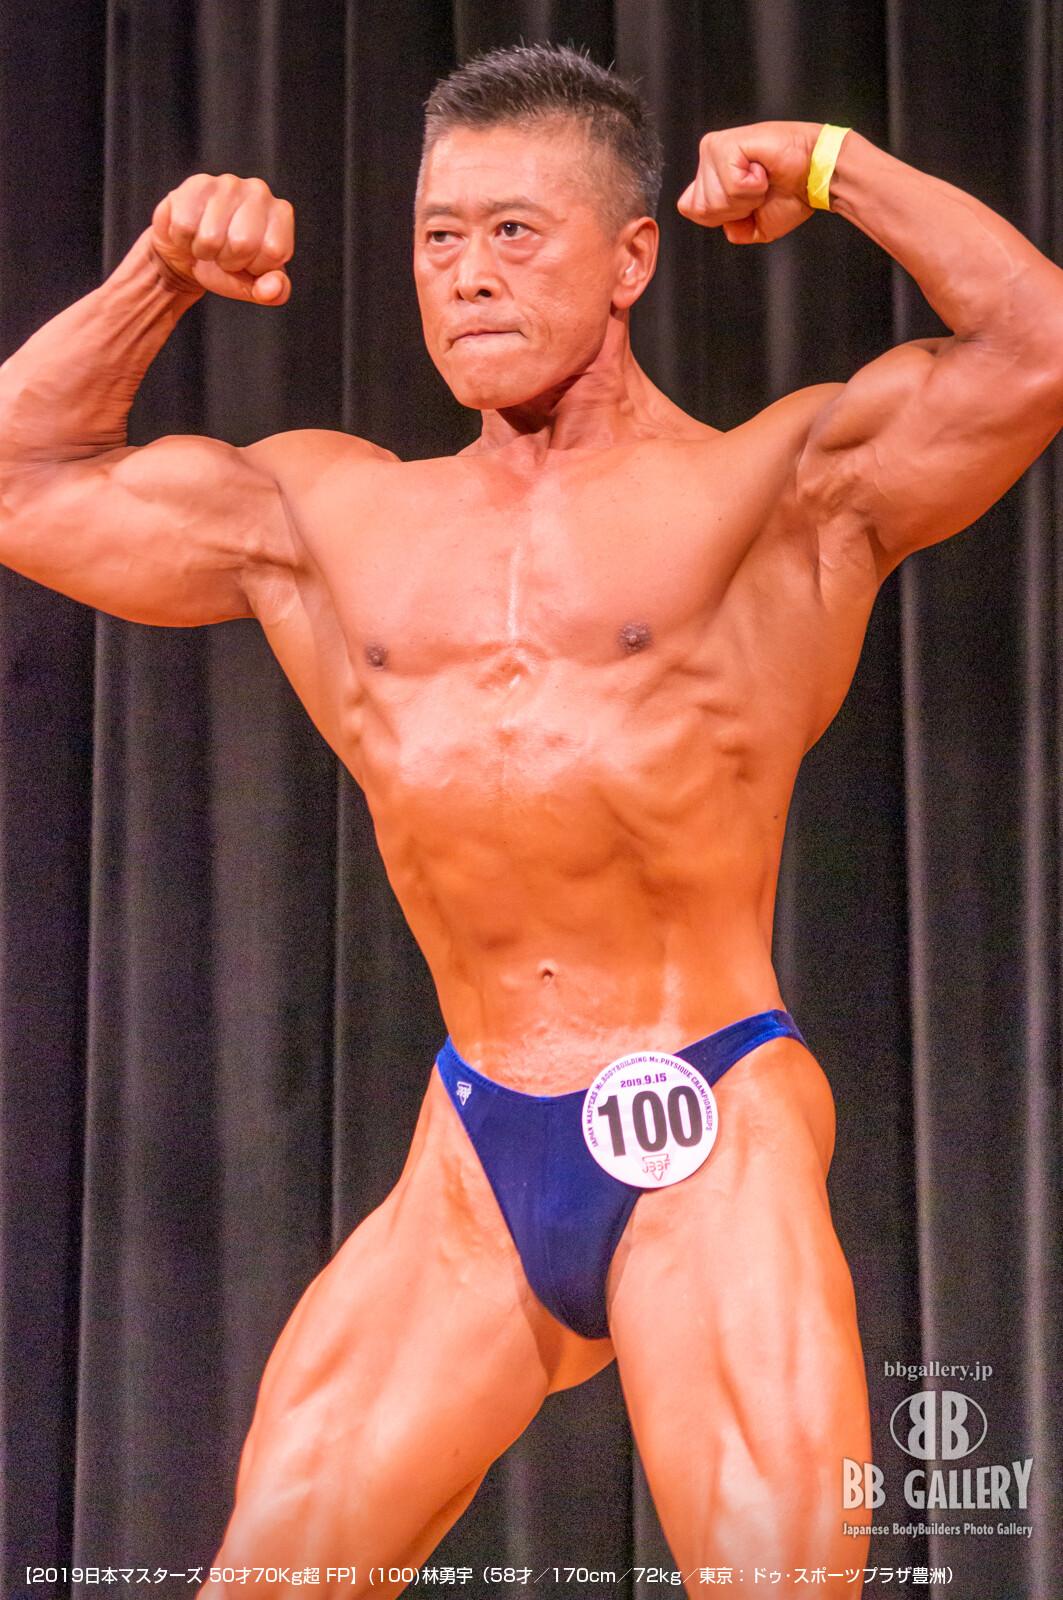 【2019日本マスターズ 50才70Kg超 FP】(100)林勇宇(58才/170cm/72kg/東京:ドゥ・スポーツプラザ豊洲)